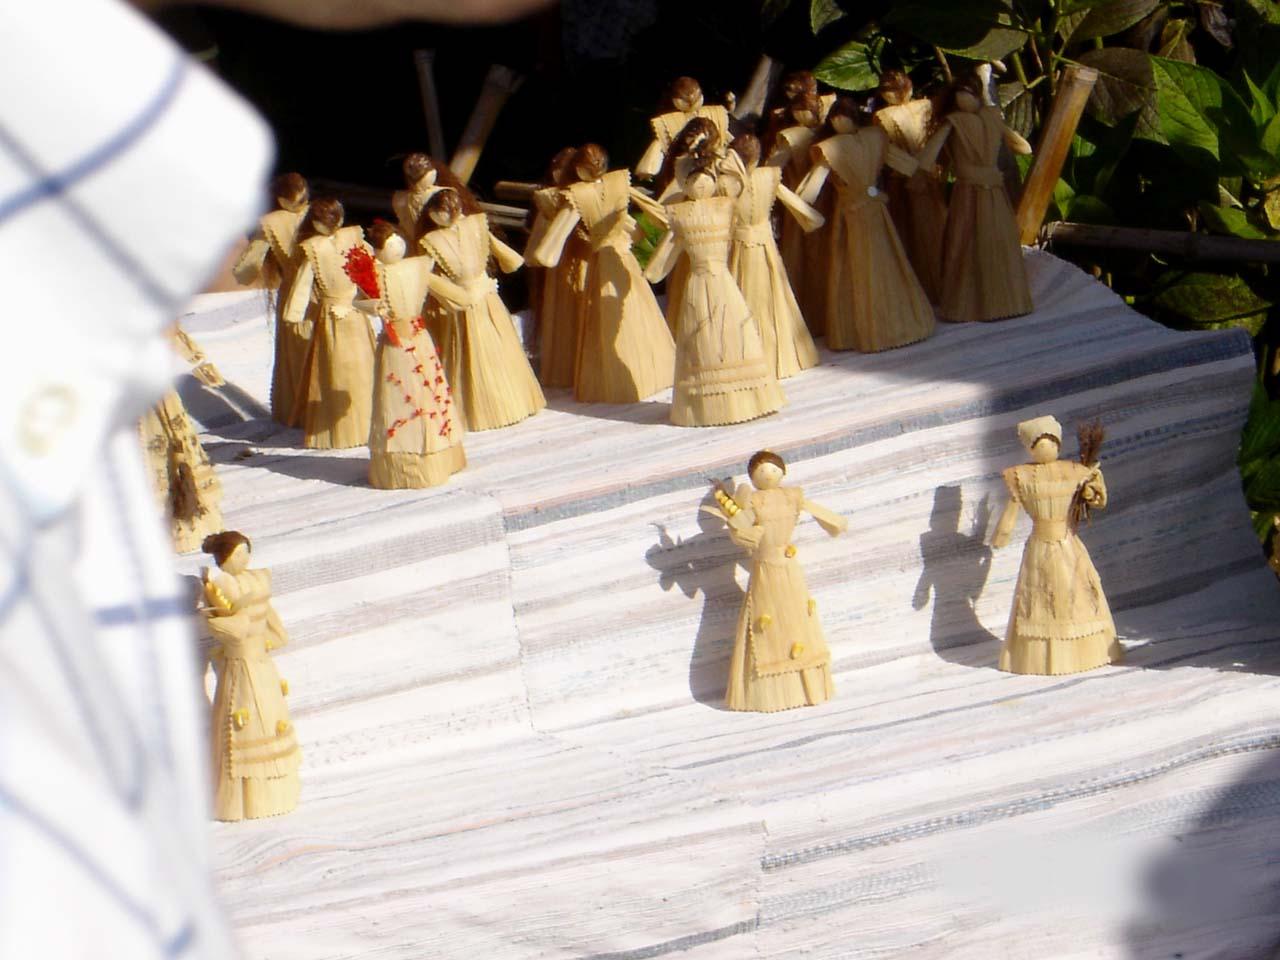 Aparador Blanco Barato ~ File Bonecas de artesanato feitas com filha de milho obtida ao desfolhar a maçaroca, Ilha